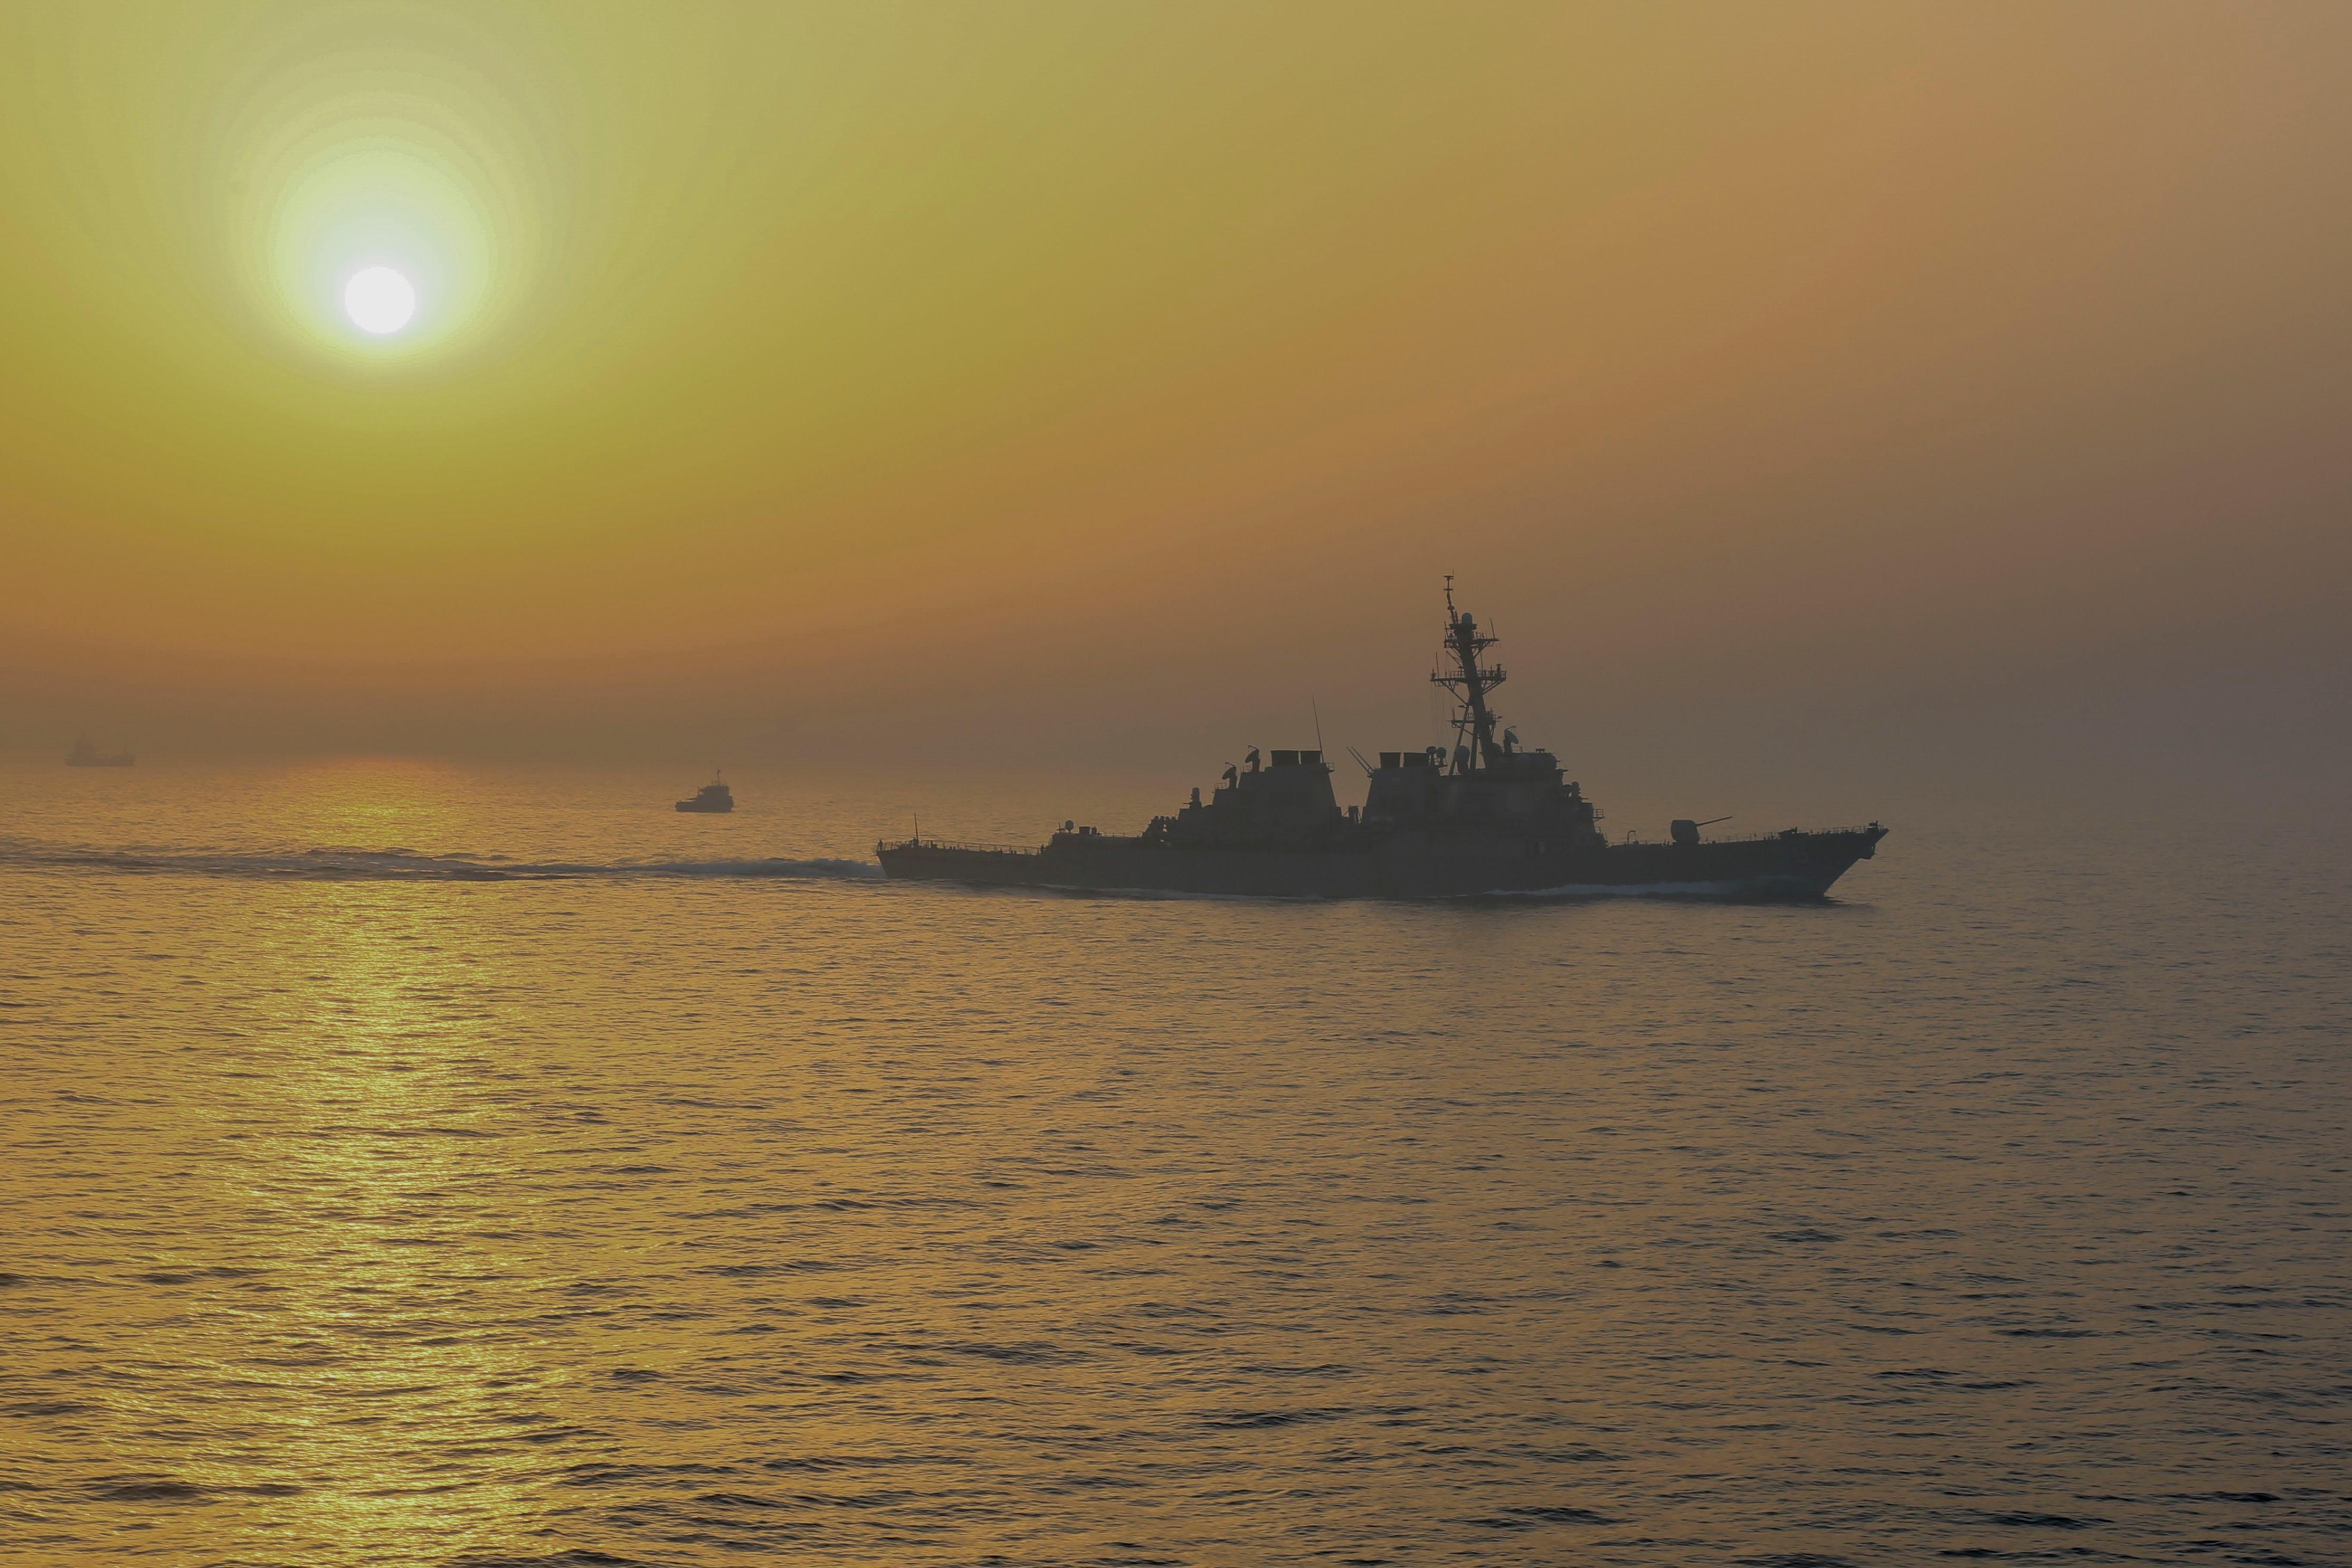 Chiến hạm Mỹ rỉ sét loang lổ sau 215 ngày lênh đênh trên biển tránh dịch Covid-19